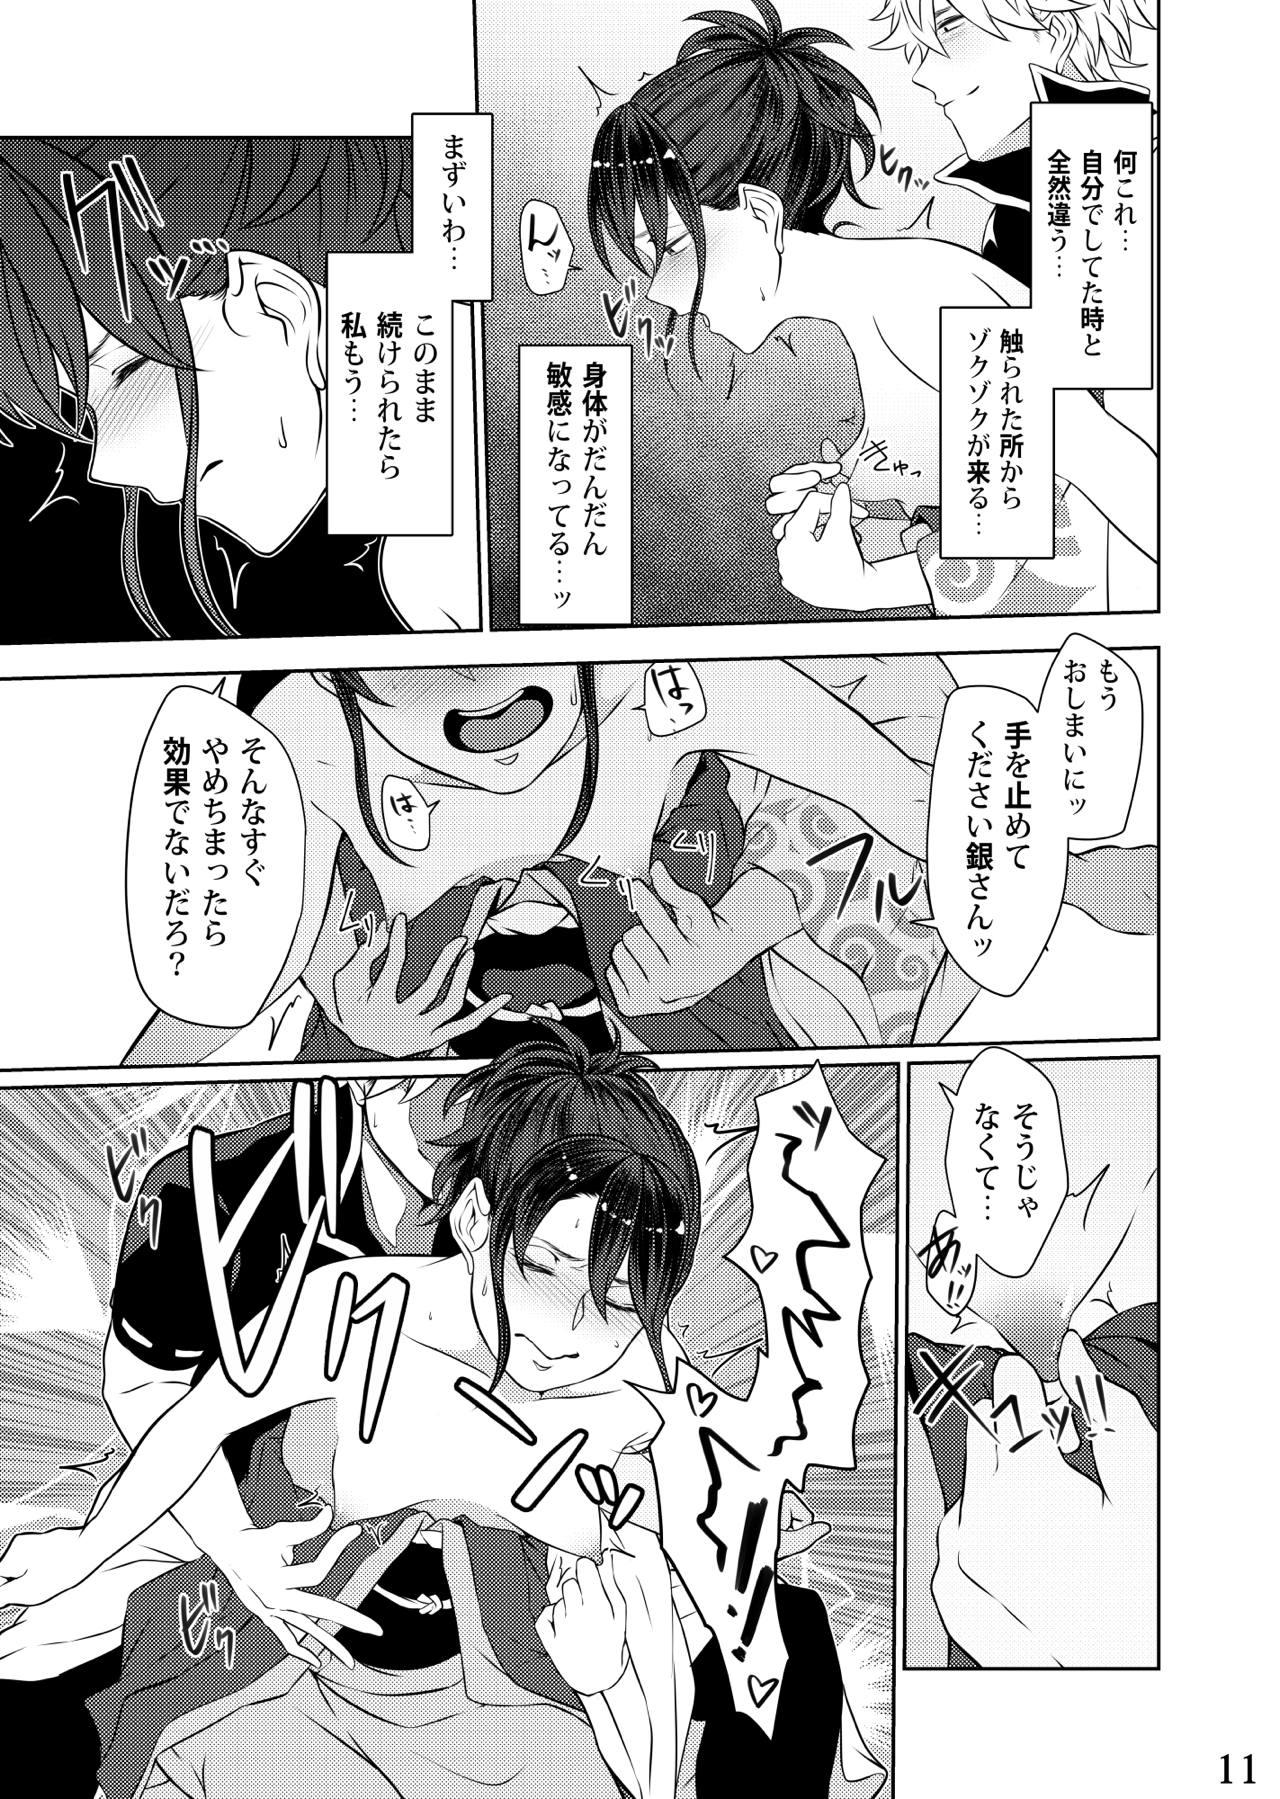 エロ 漫画 銀魂